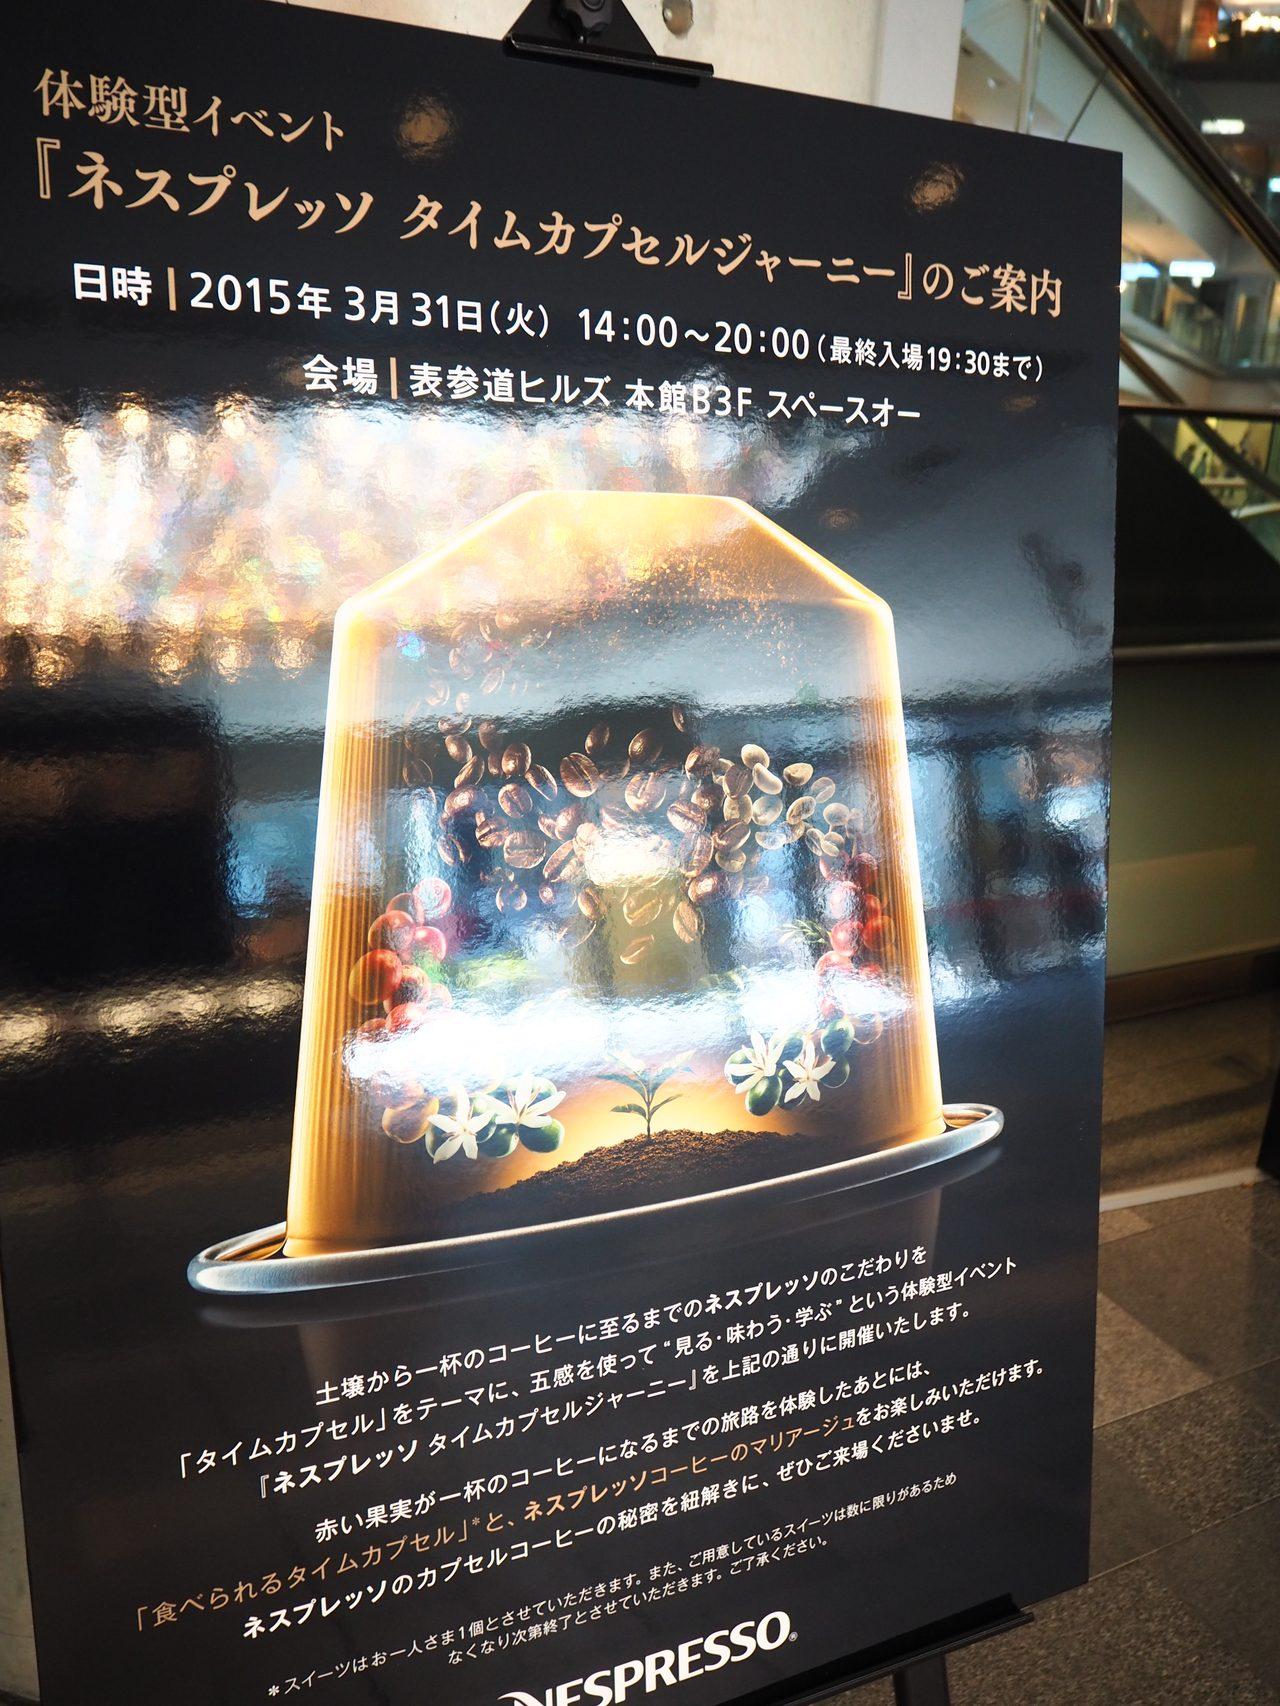 画像1: 【期間限定】ネスプレッソ タイムカプセルジャーニー 特別体験会へ☆